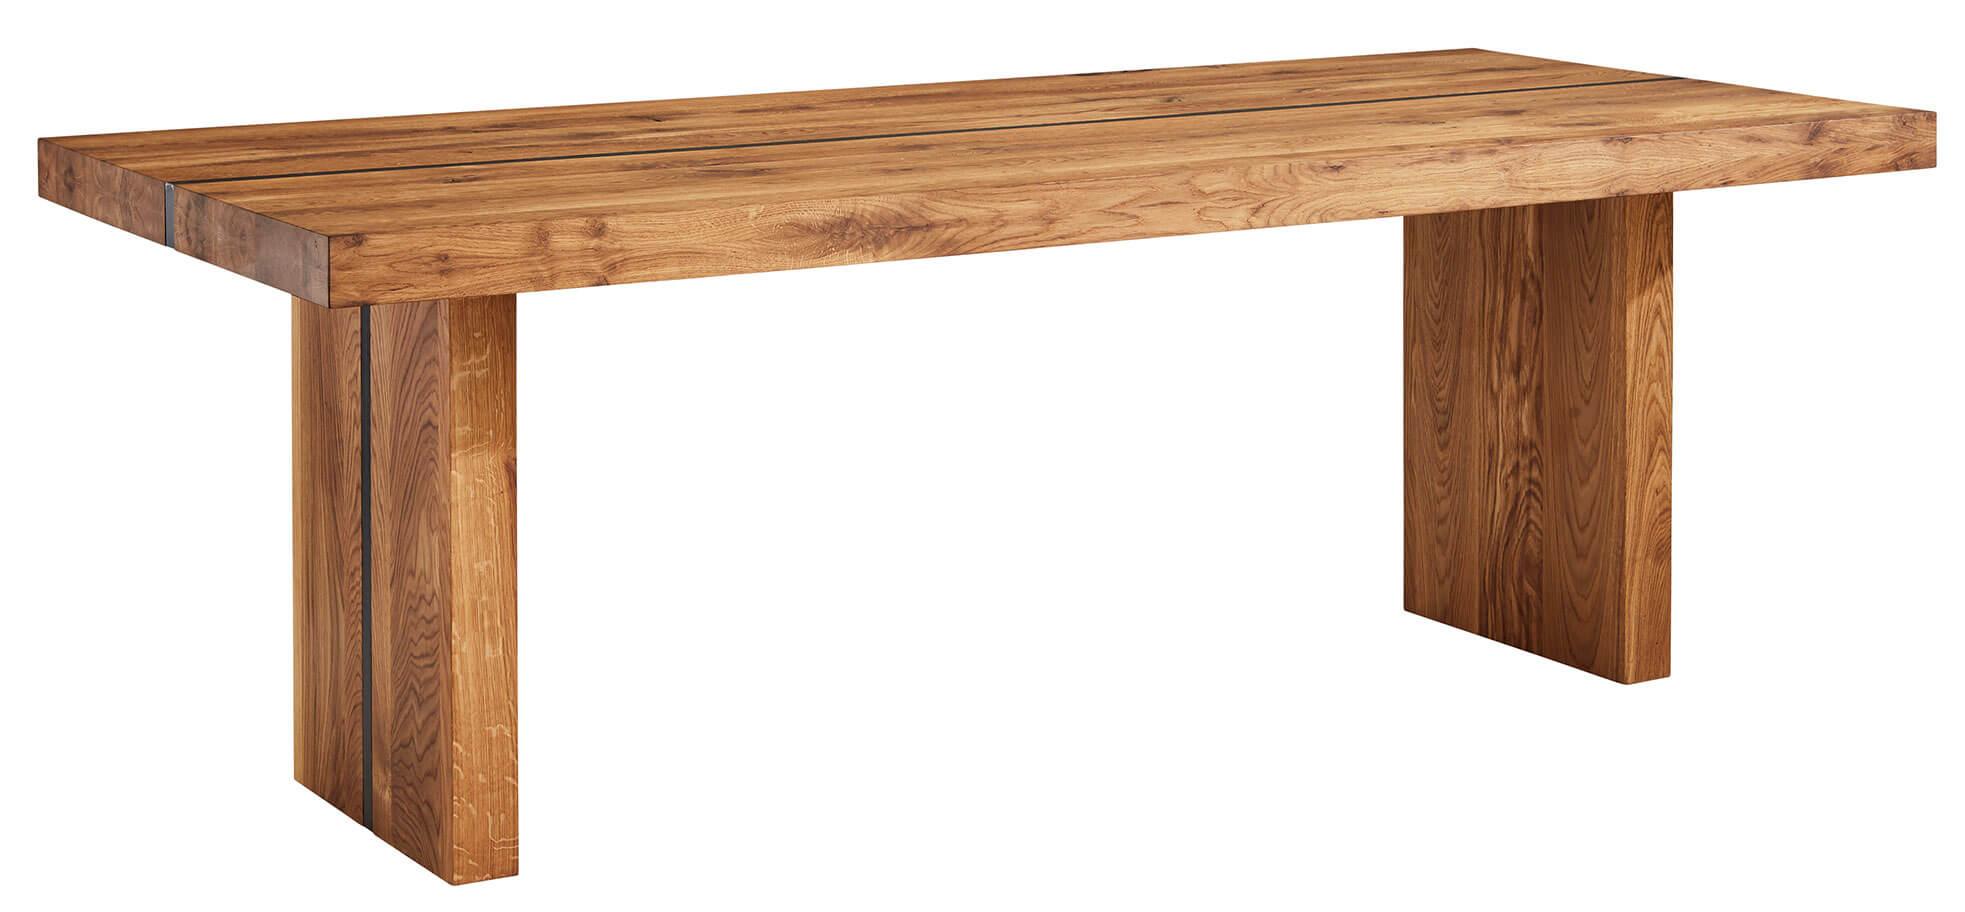 Moderner Massivholztisch Natura Lakewood Eiche massiv mit Metallstreifen